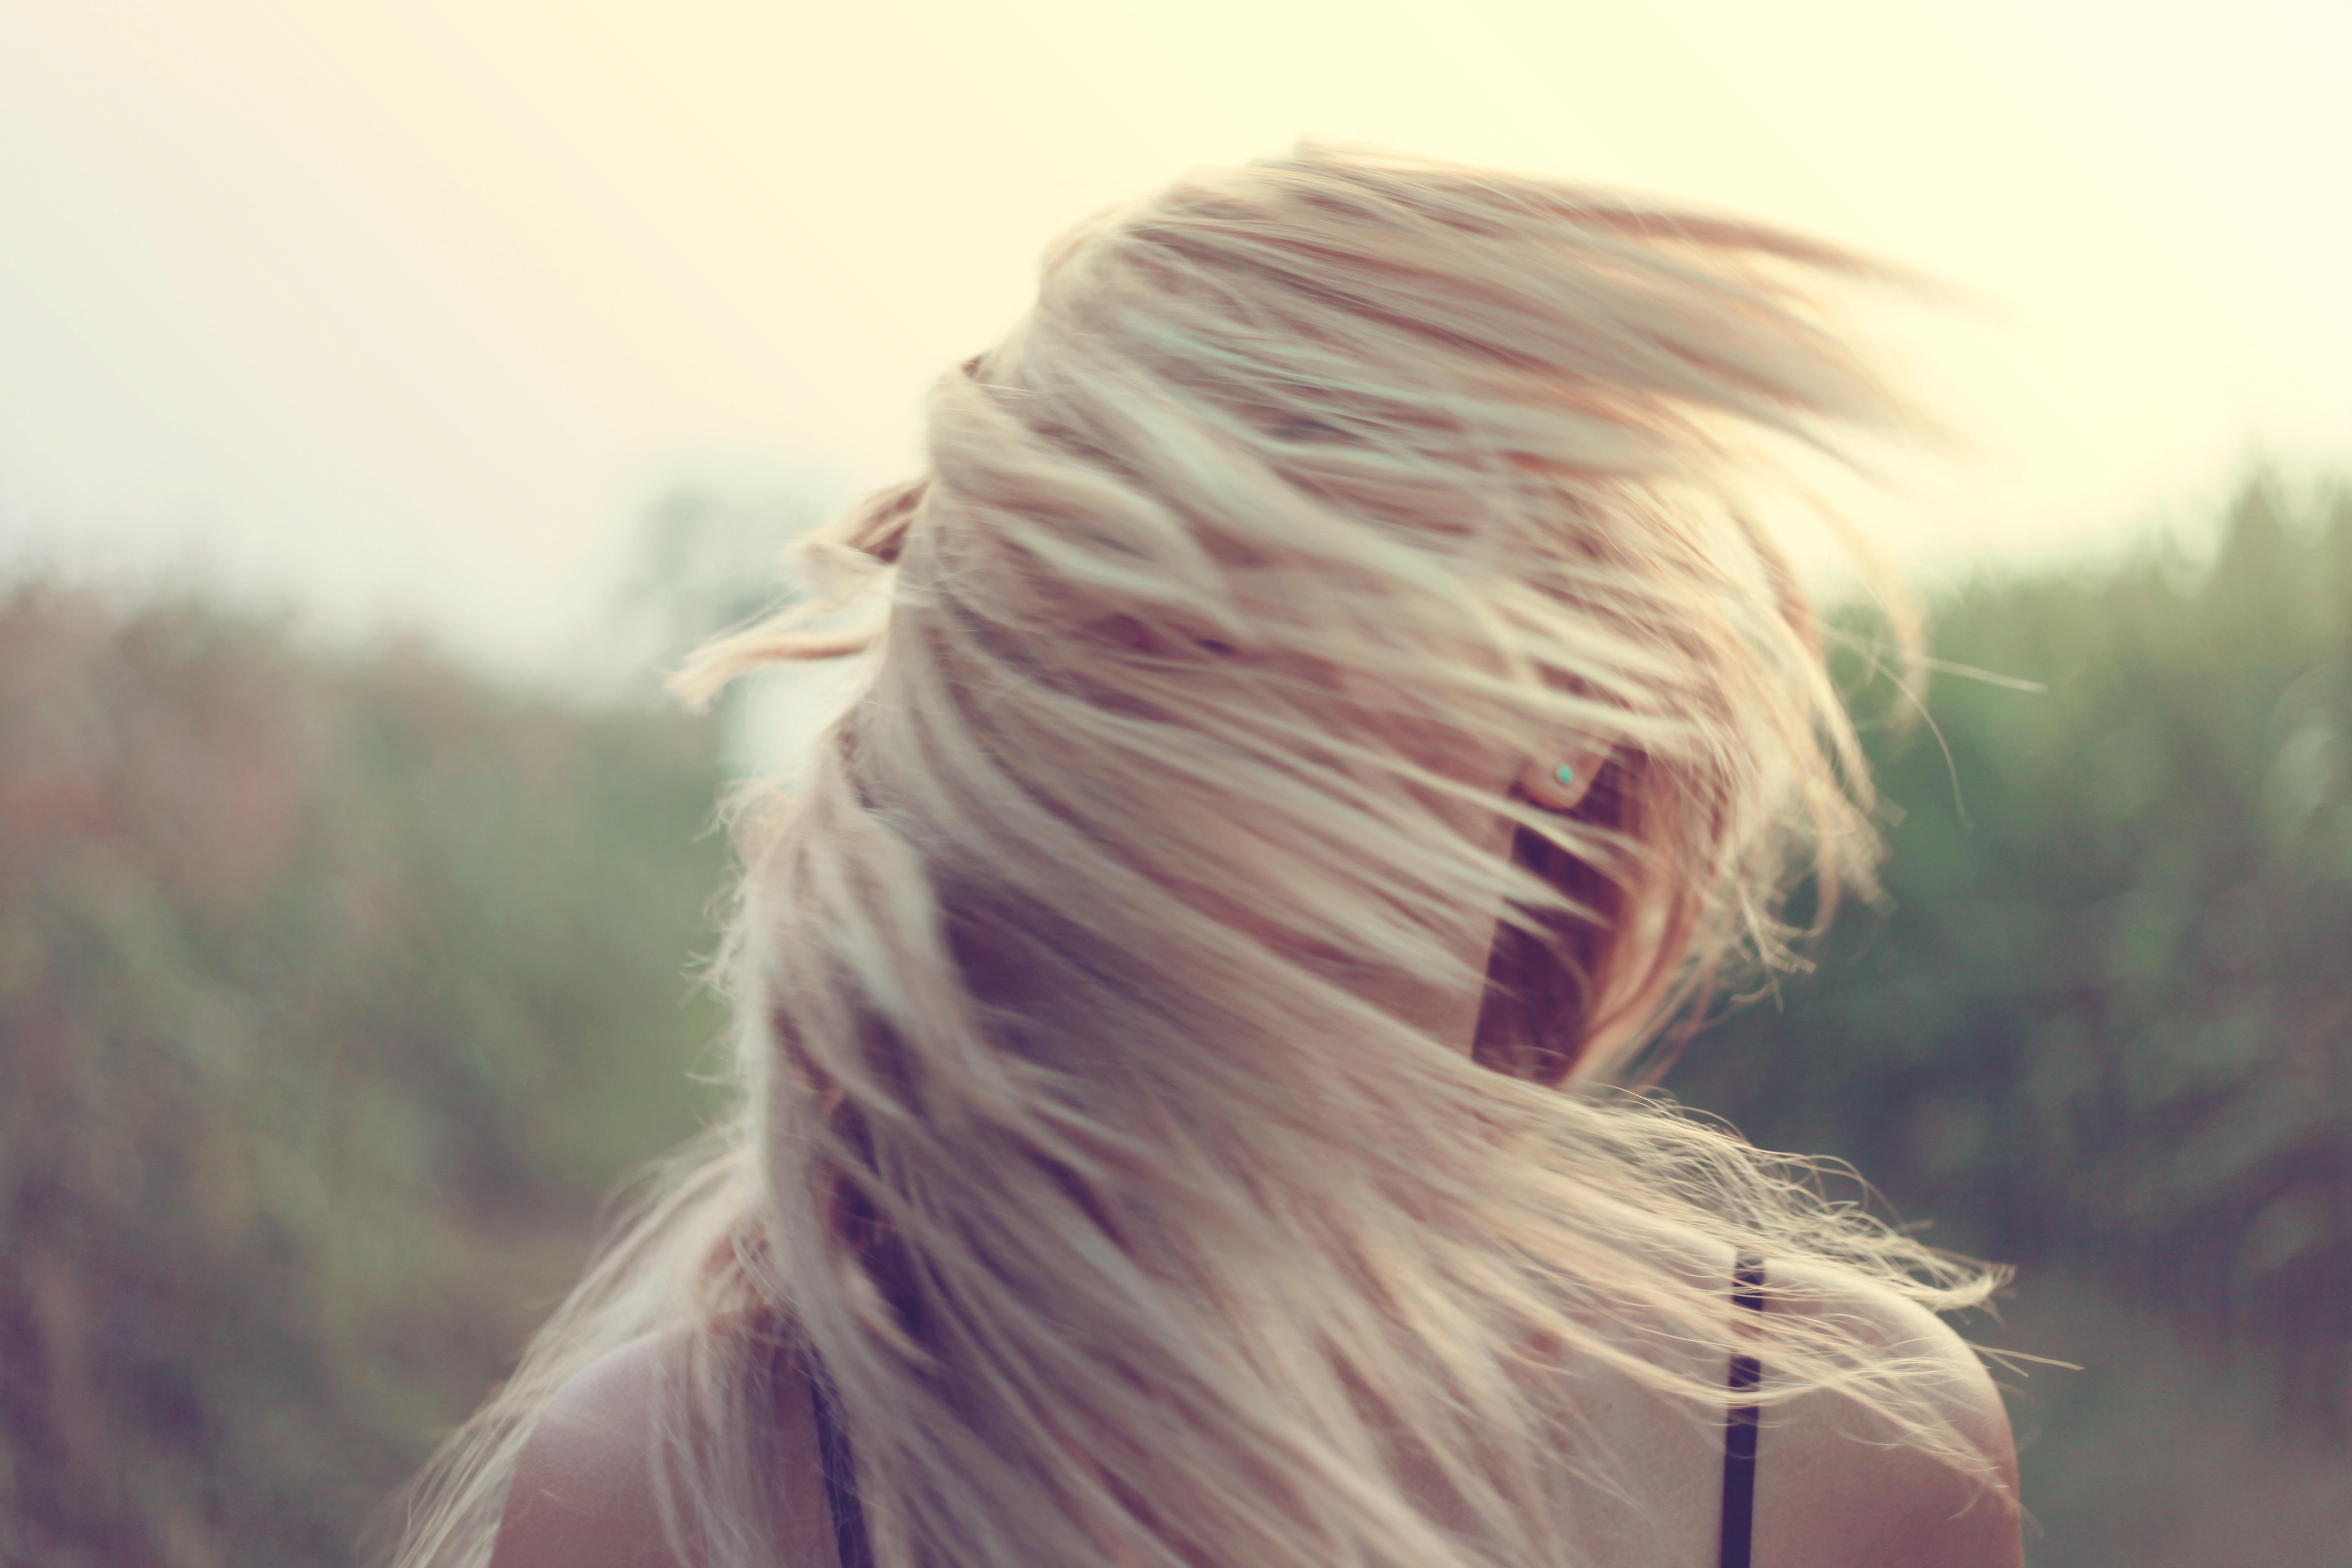 блондинка с закрытым лицом познакомилась бритоголовым